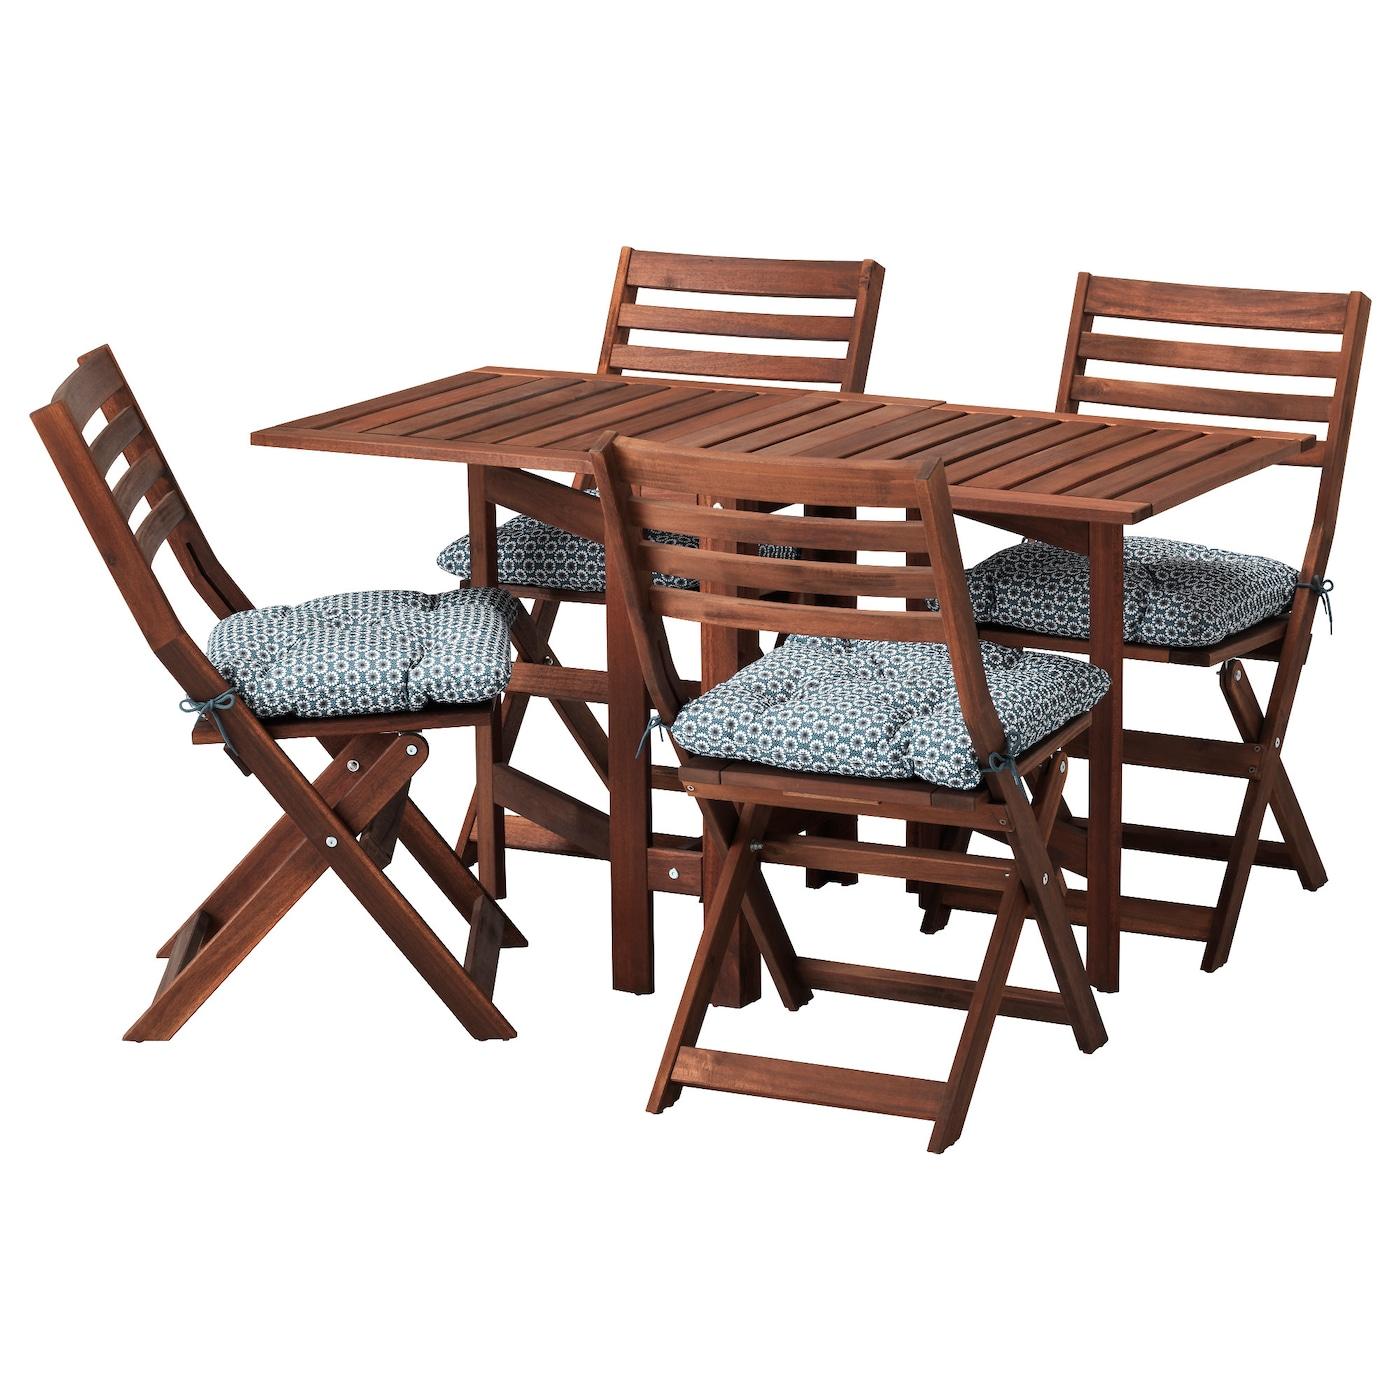 Conjuntos de comedor de jard n muebles de jard n y - Ikea muebles de jardin y terraza nimes ...